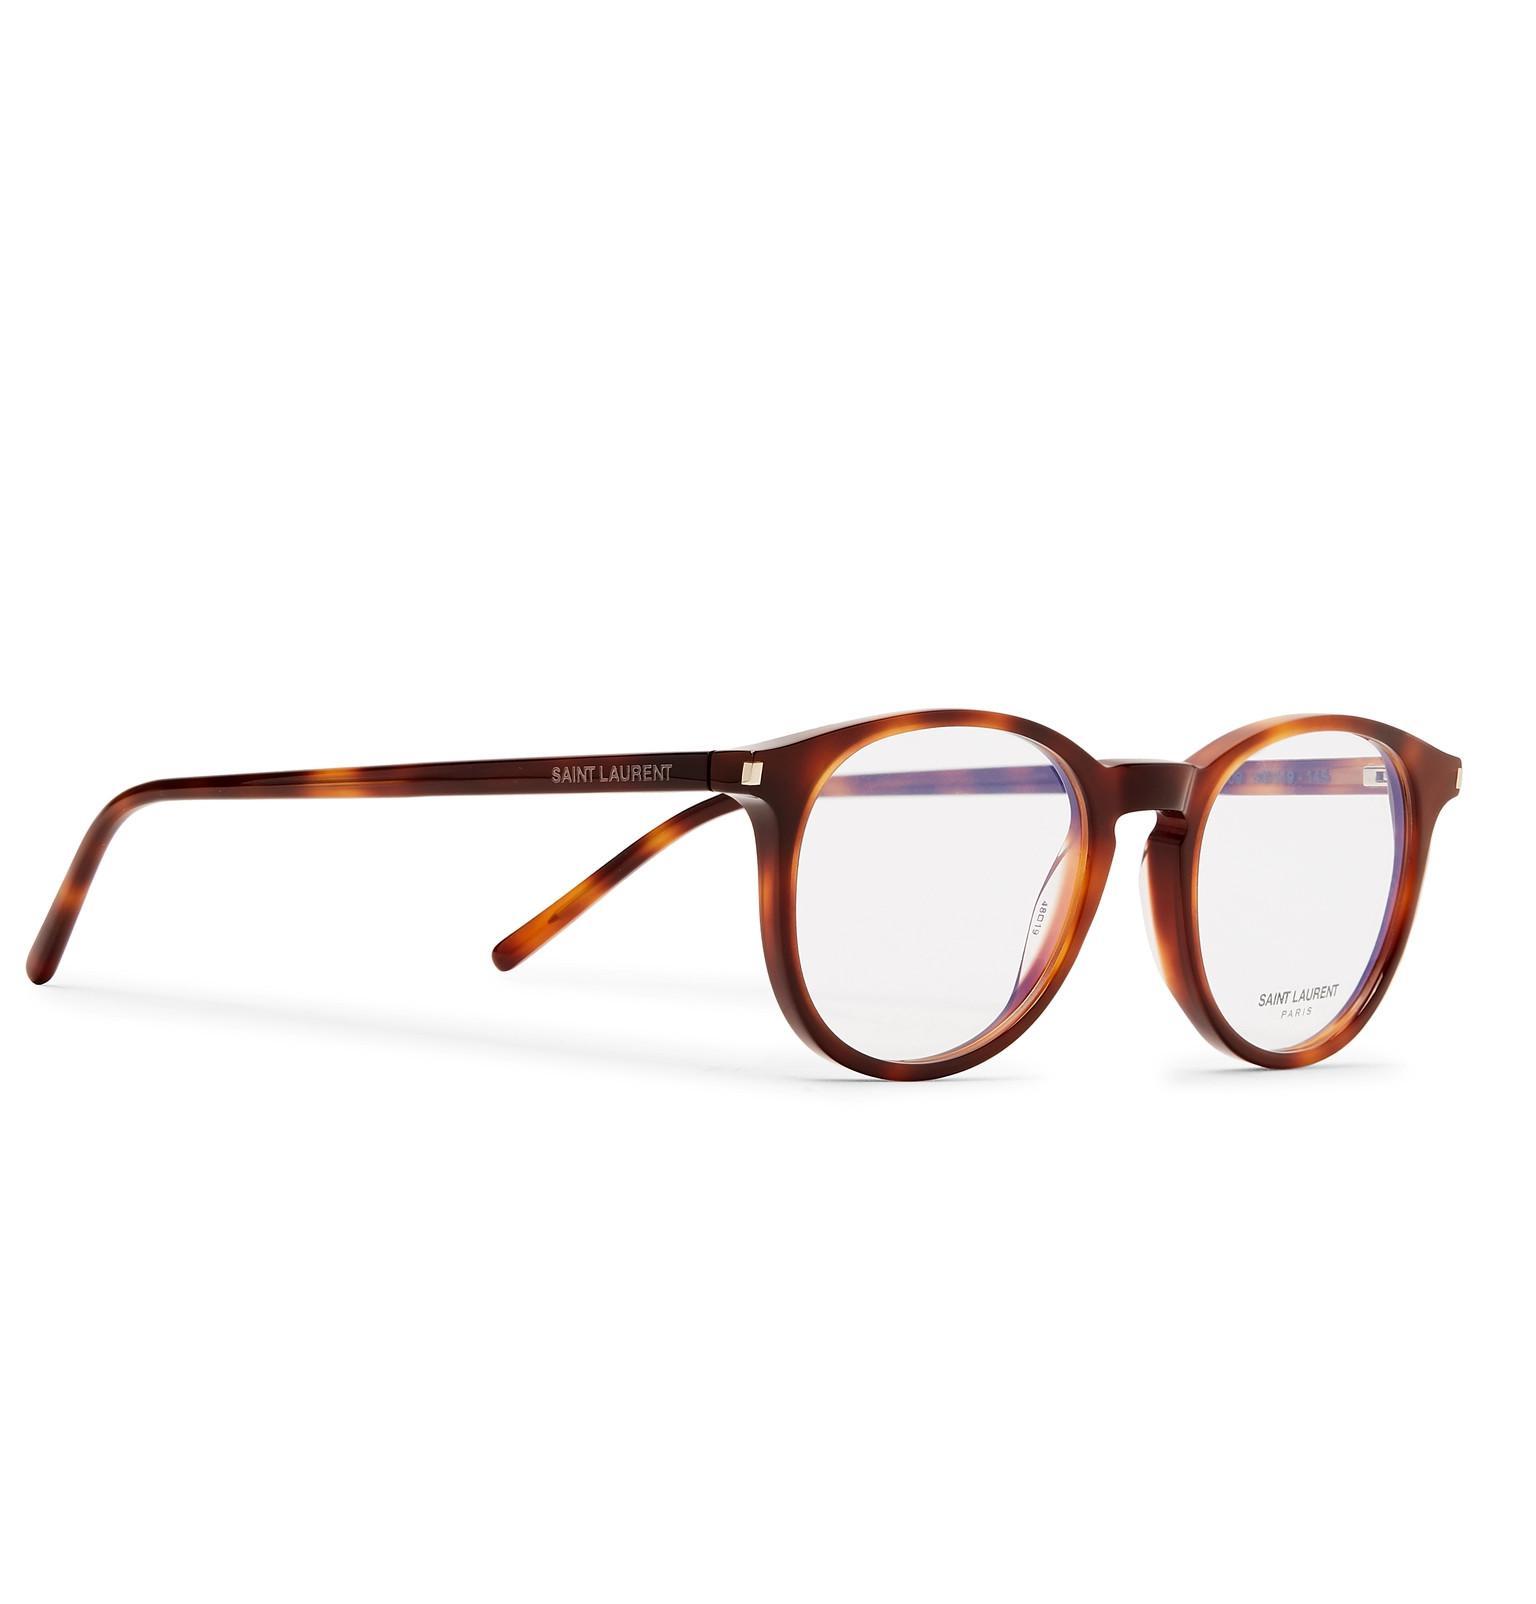 d91797b0dae Saint Laurent - Brown Round-frame Tortoiseshell Acetate Optical Glasses for  Men - Lyst. View fullscreen